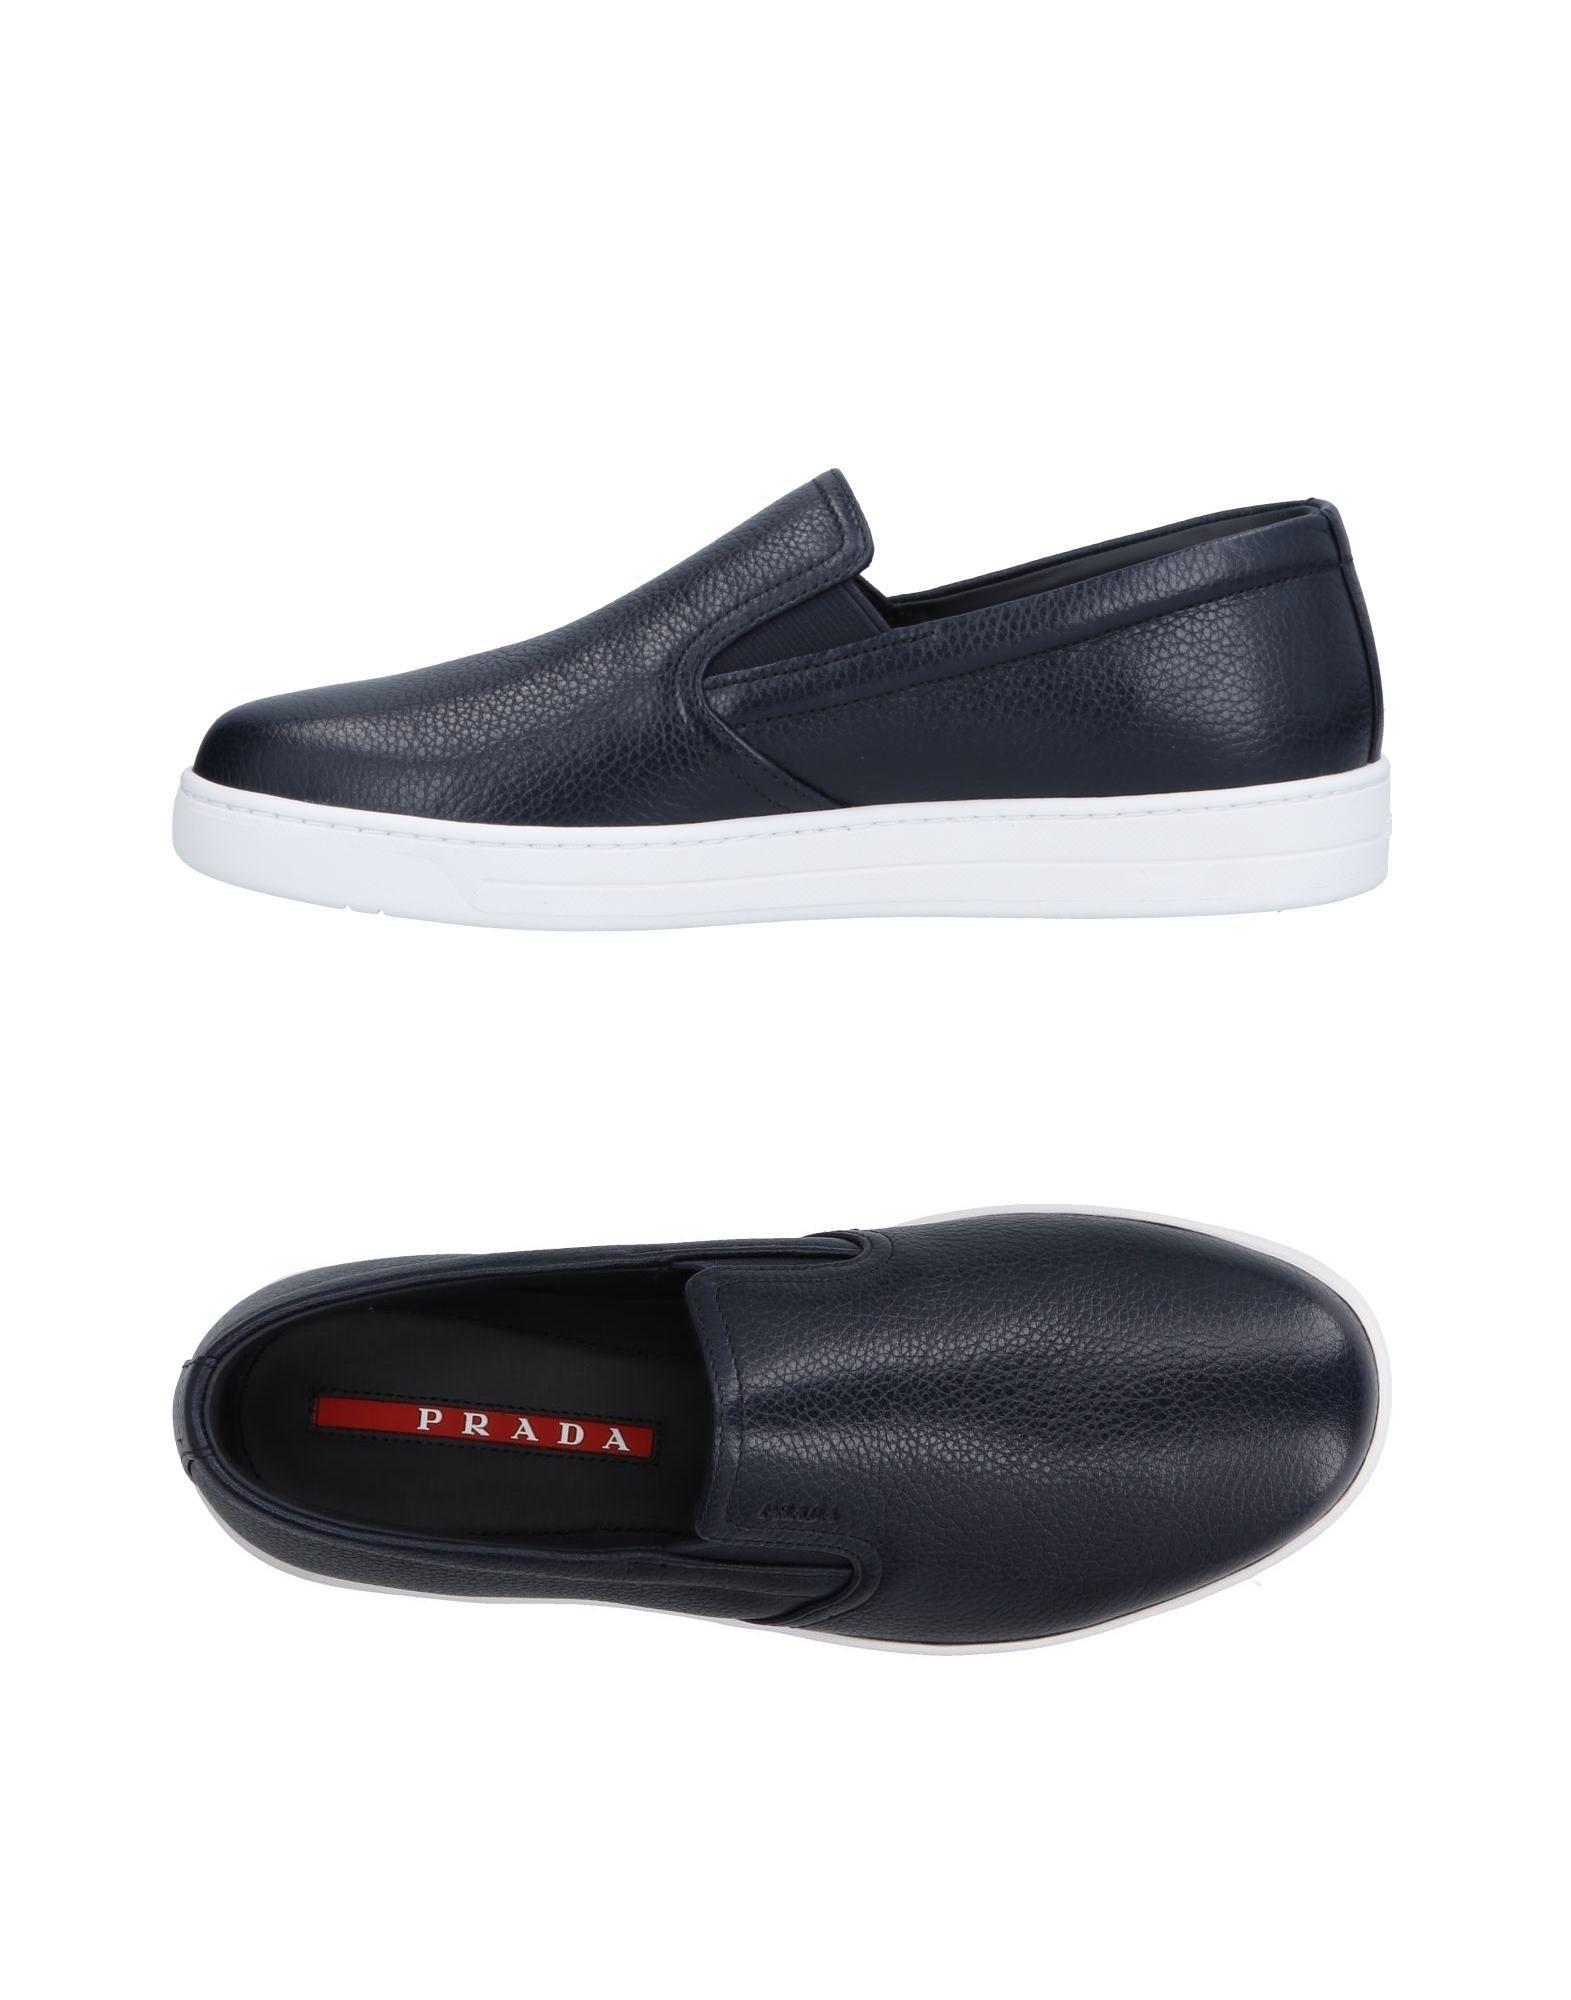 Sneakers Prada Sport Homme - Sneakers Prada Sport  Bleu foncé Nouvelles chaussures pour hommes et femmes, remise limitée dans le temps